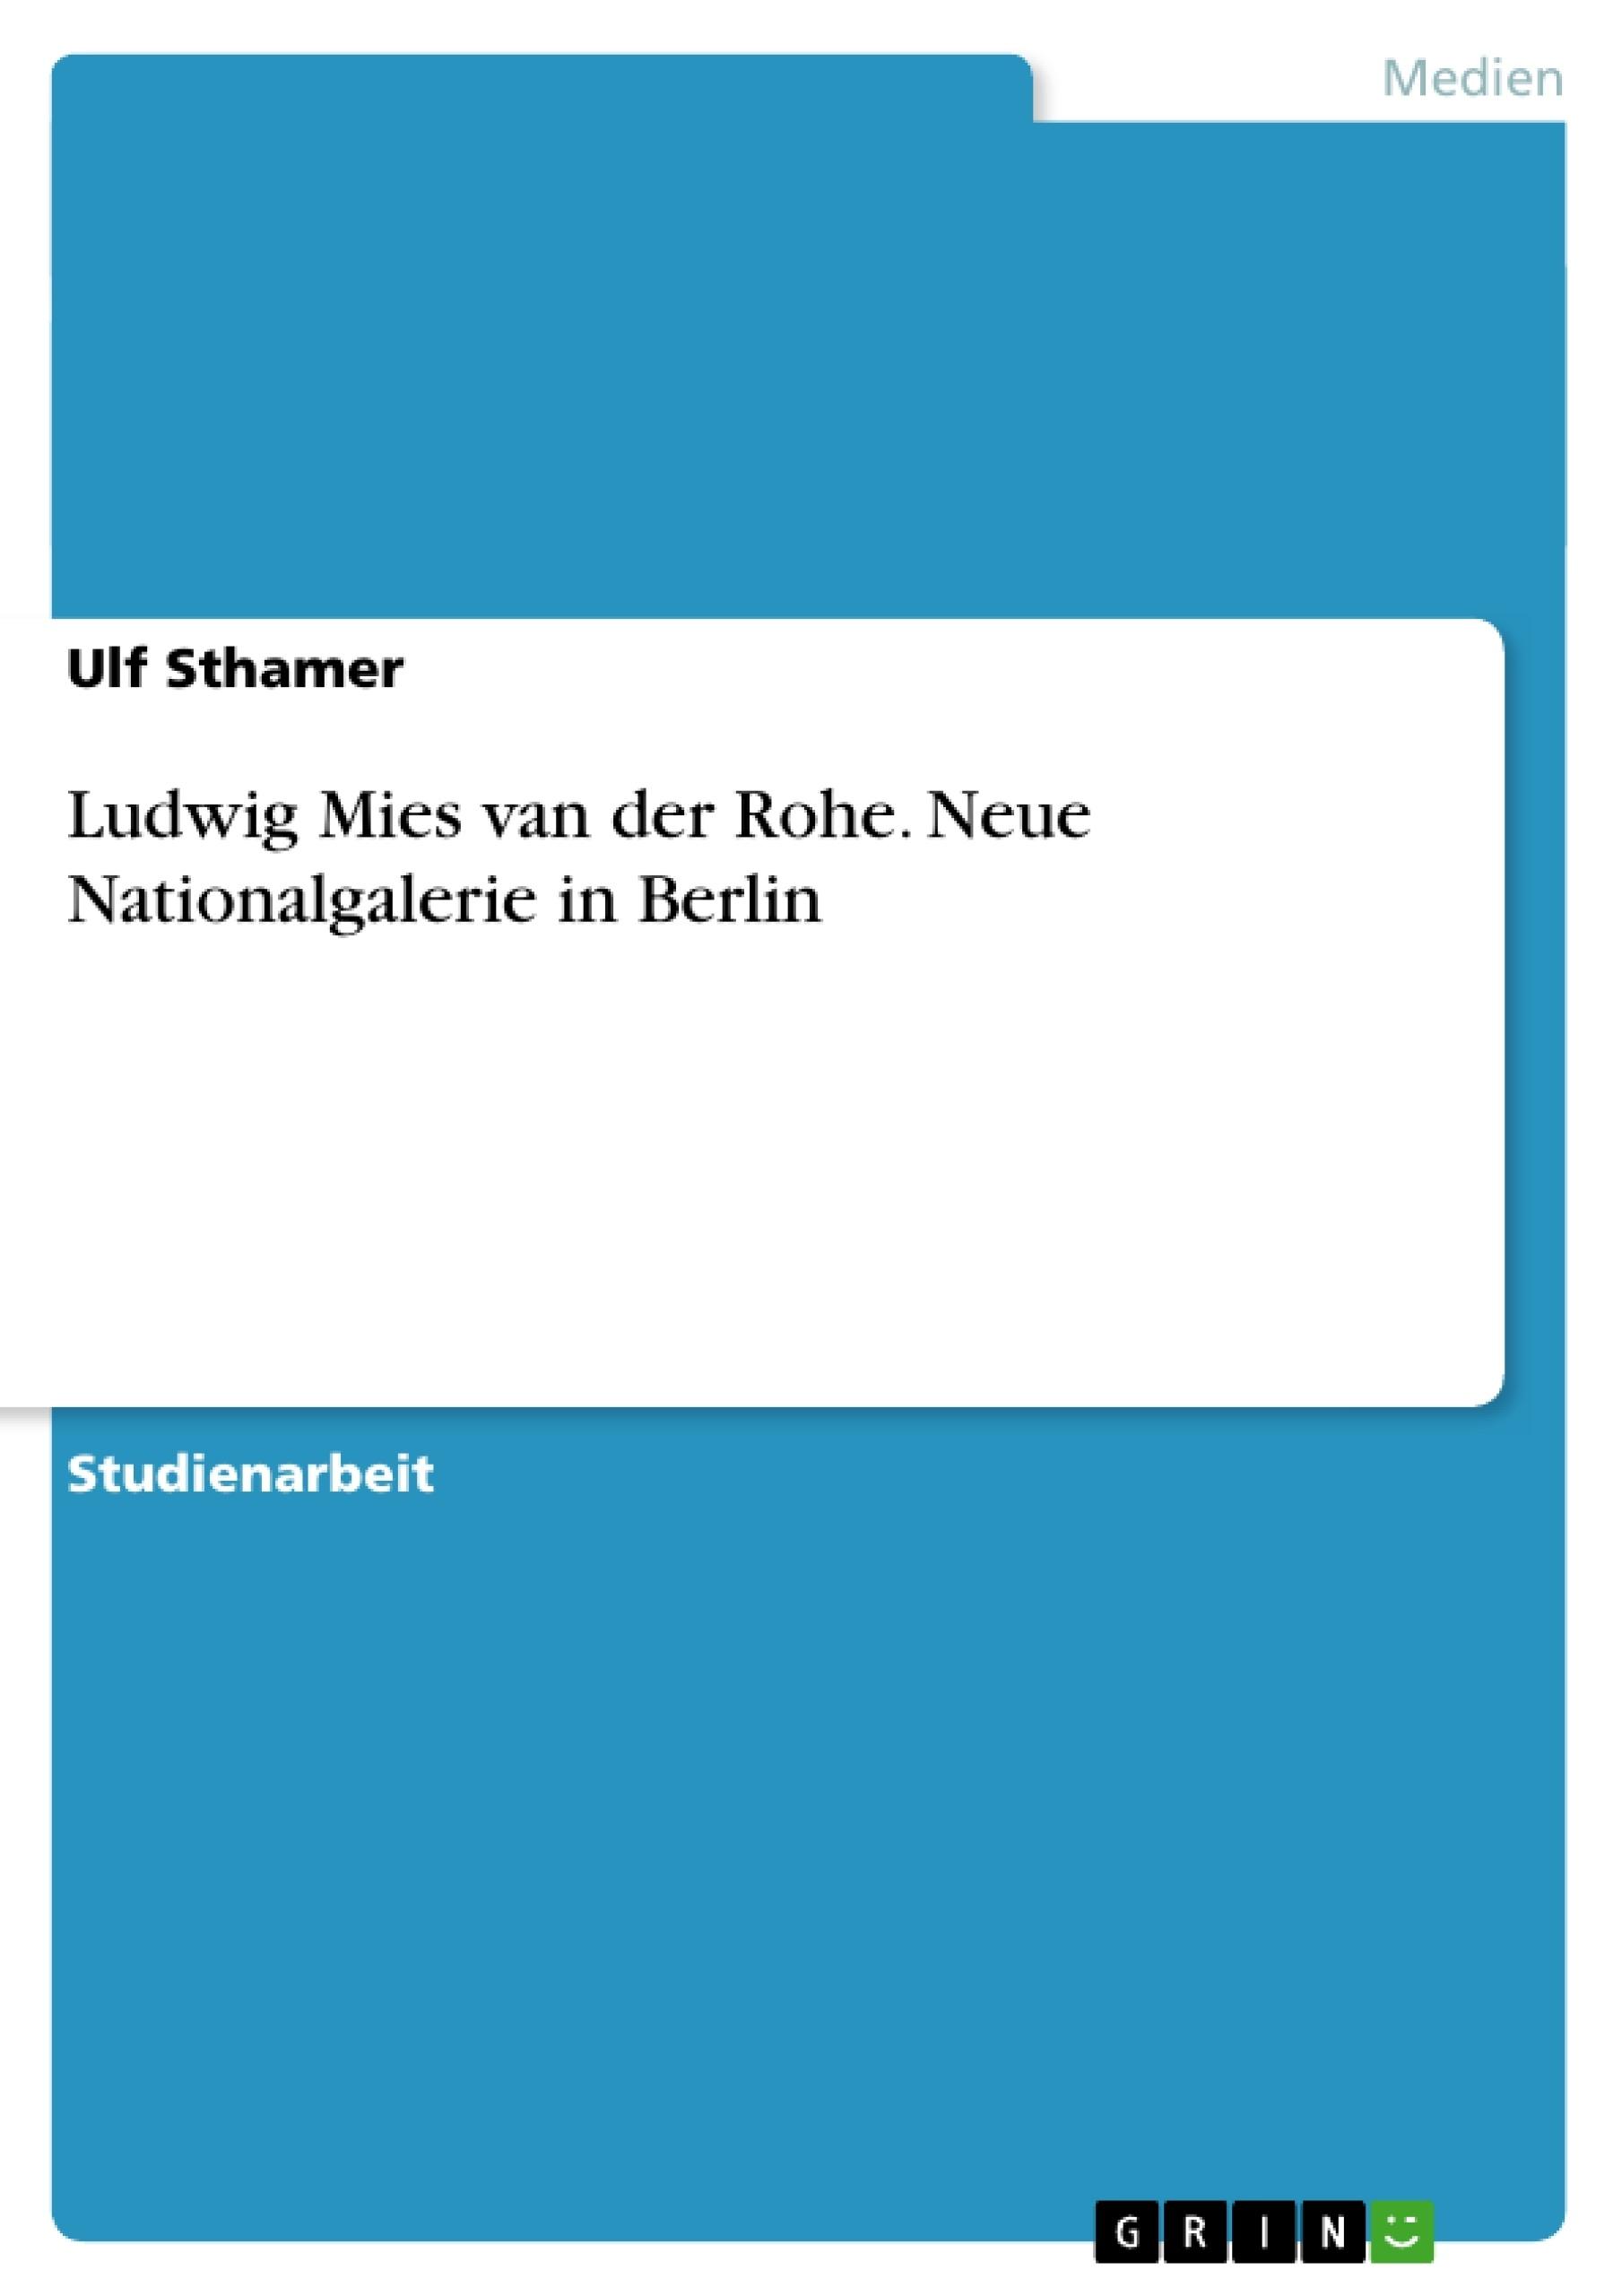 Titel: Ludwig Mies van der Rohe. Neue Nationalgalerie in Berlin